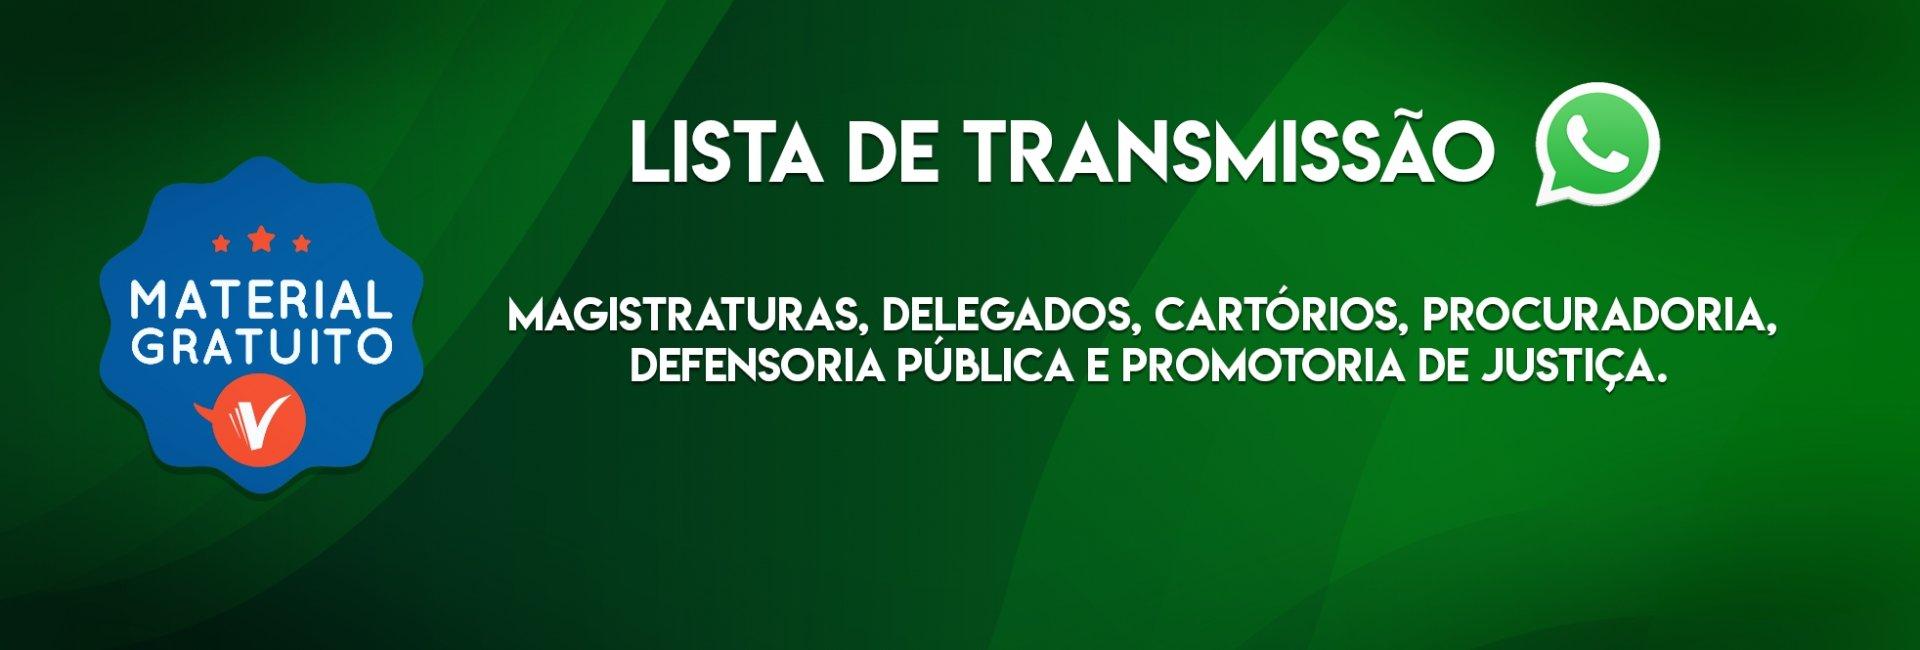 Lista de transmissão